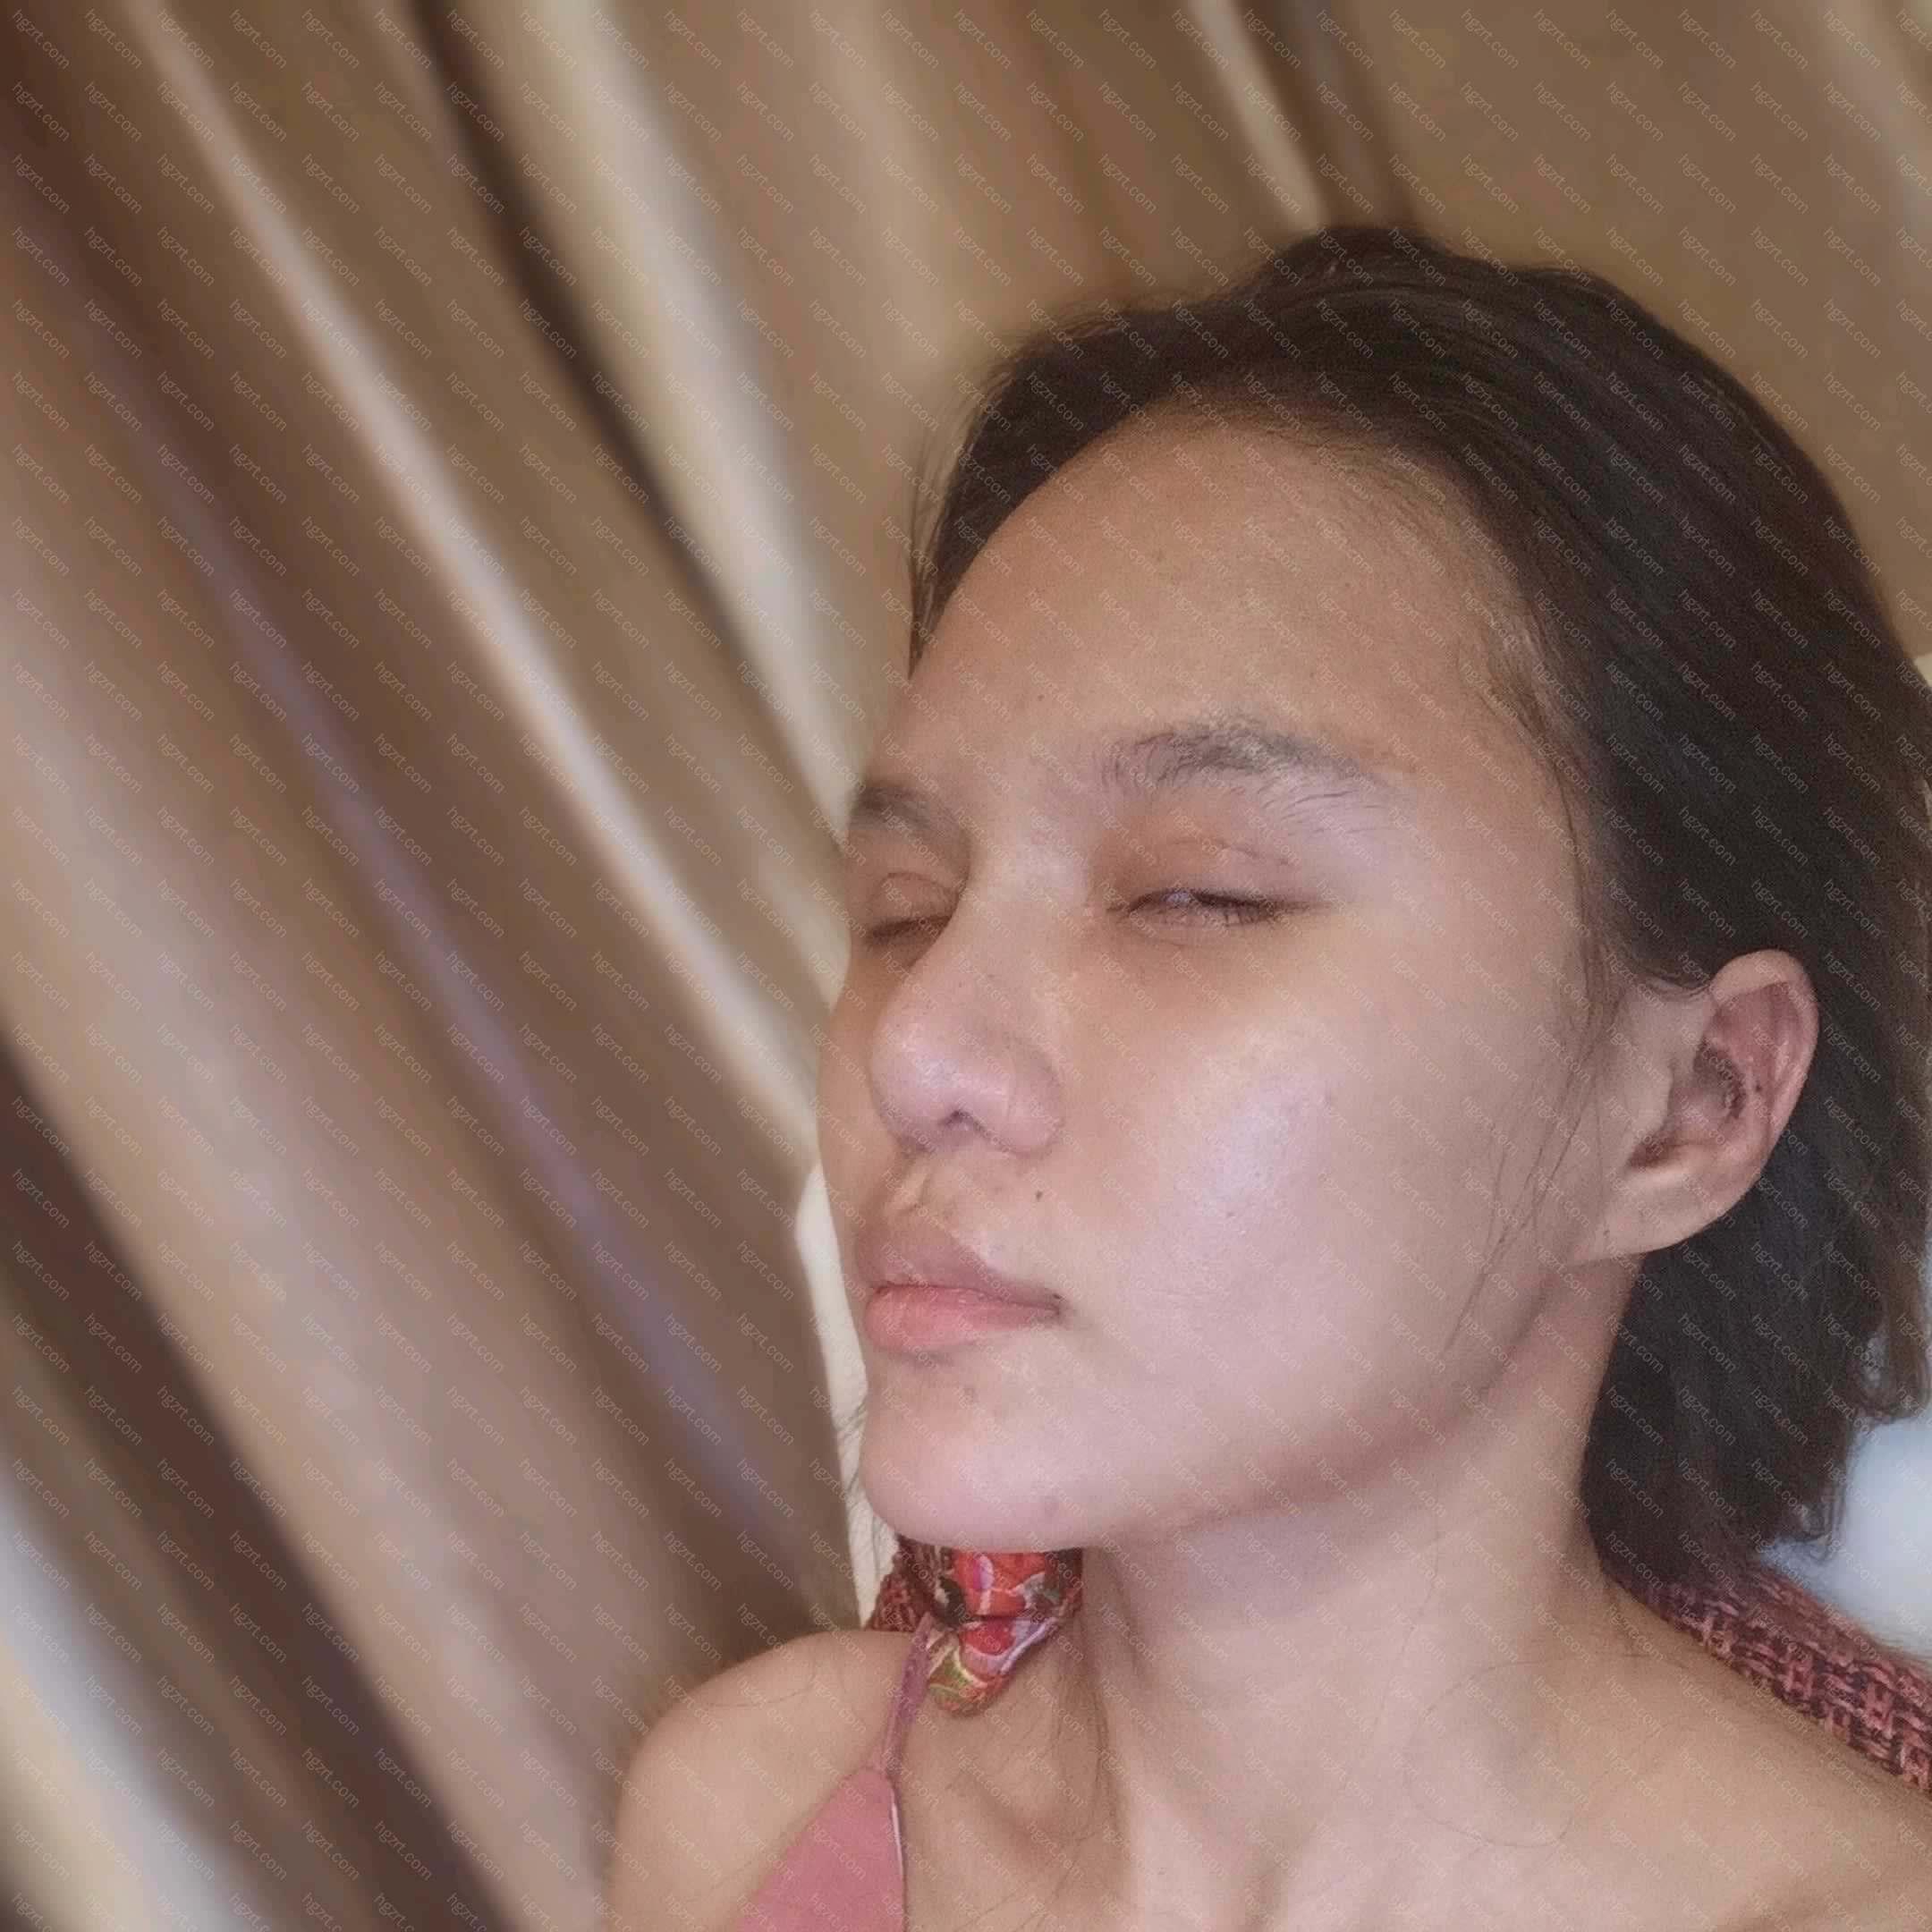 【鼻中隔软骨隆鼻第18天】9-10号今天第十八天脂肪填充的太阳穴跟眉弓消了很多